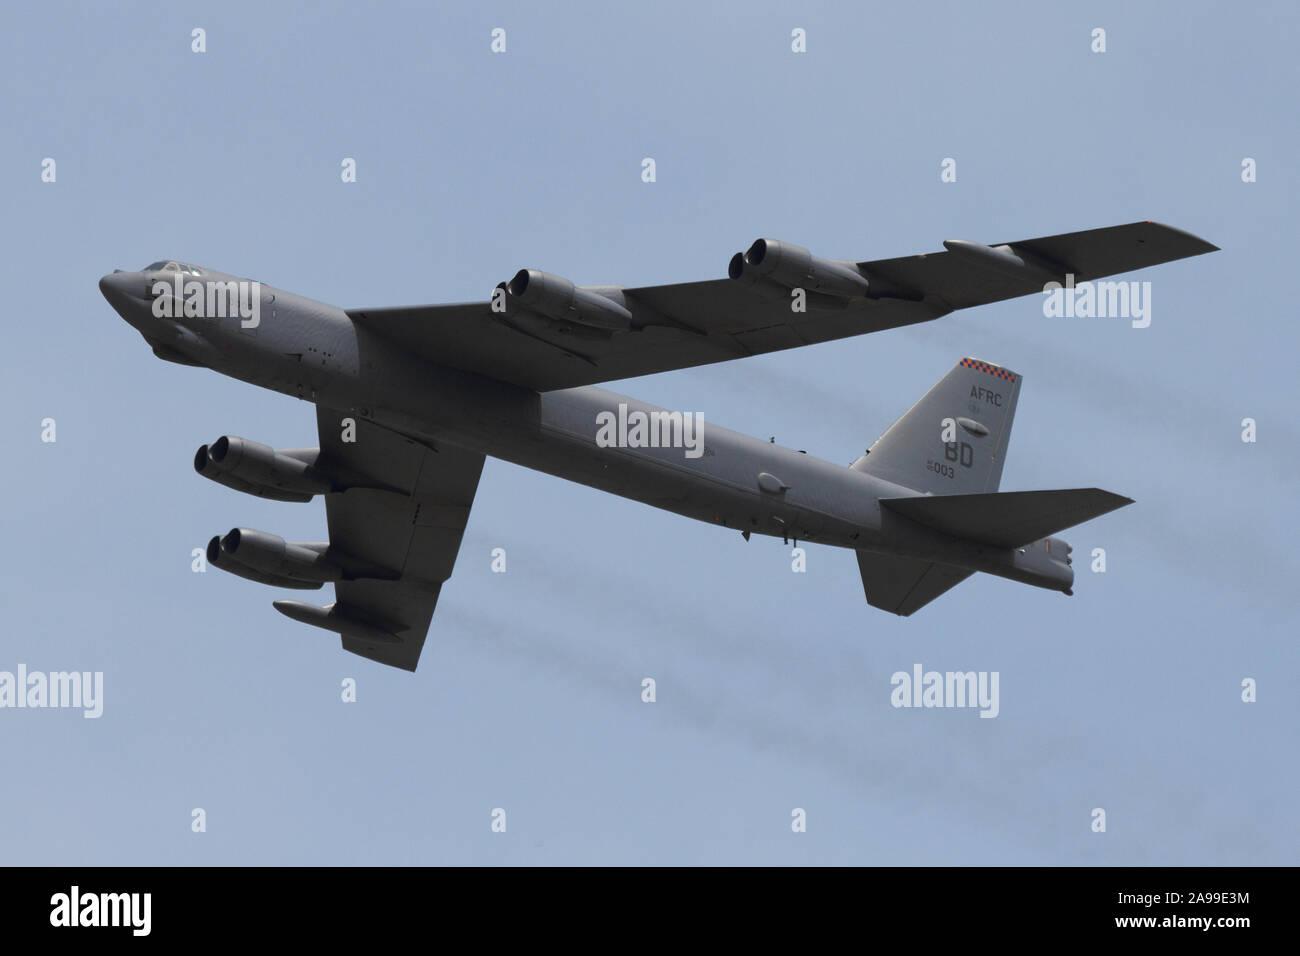 Un United States Air Force B-52 Stratofortress effectue un survol à l'Airshow de Dayton de 2012. Banque D'Images